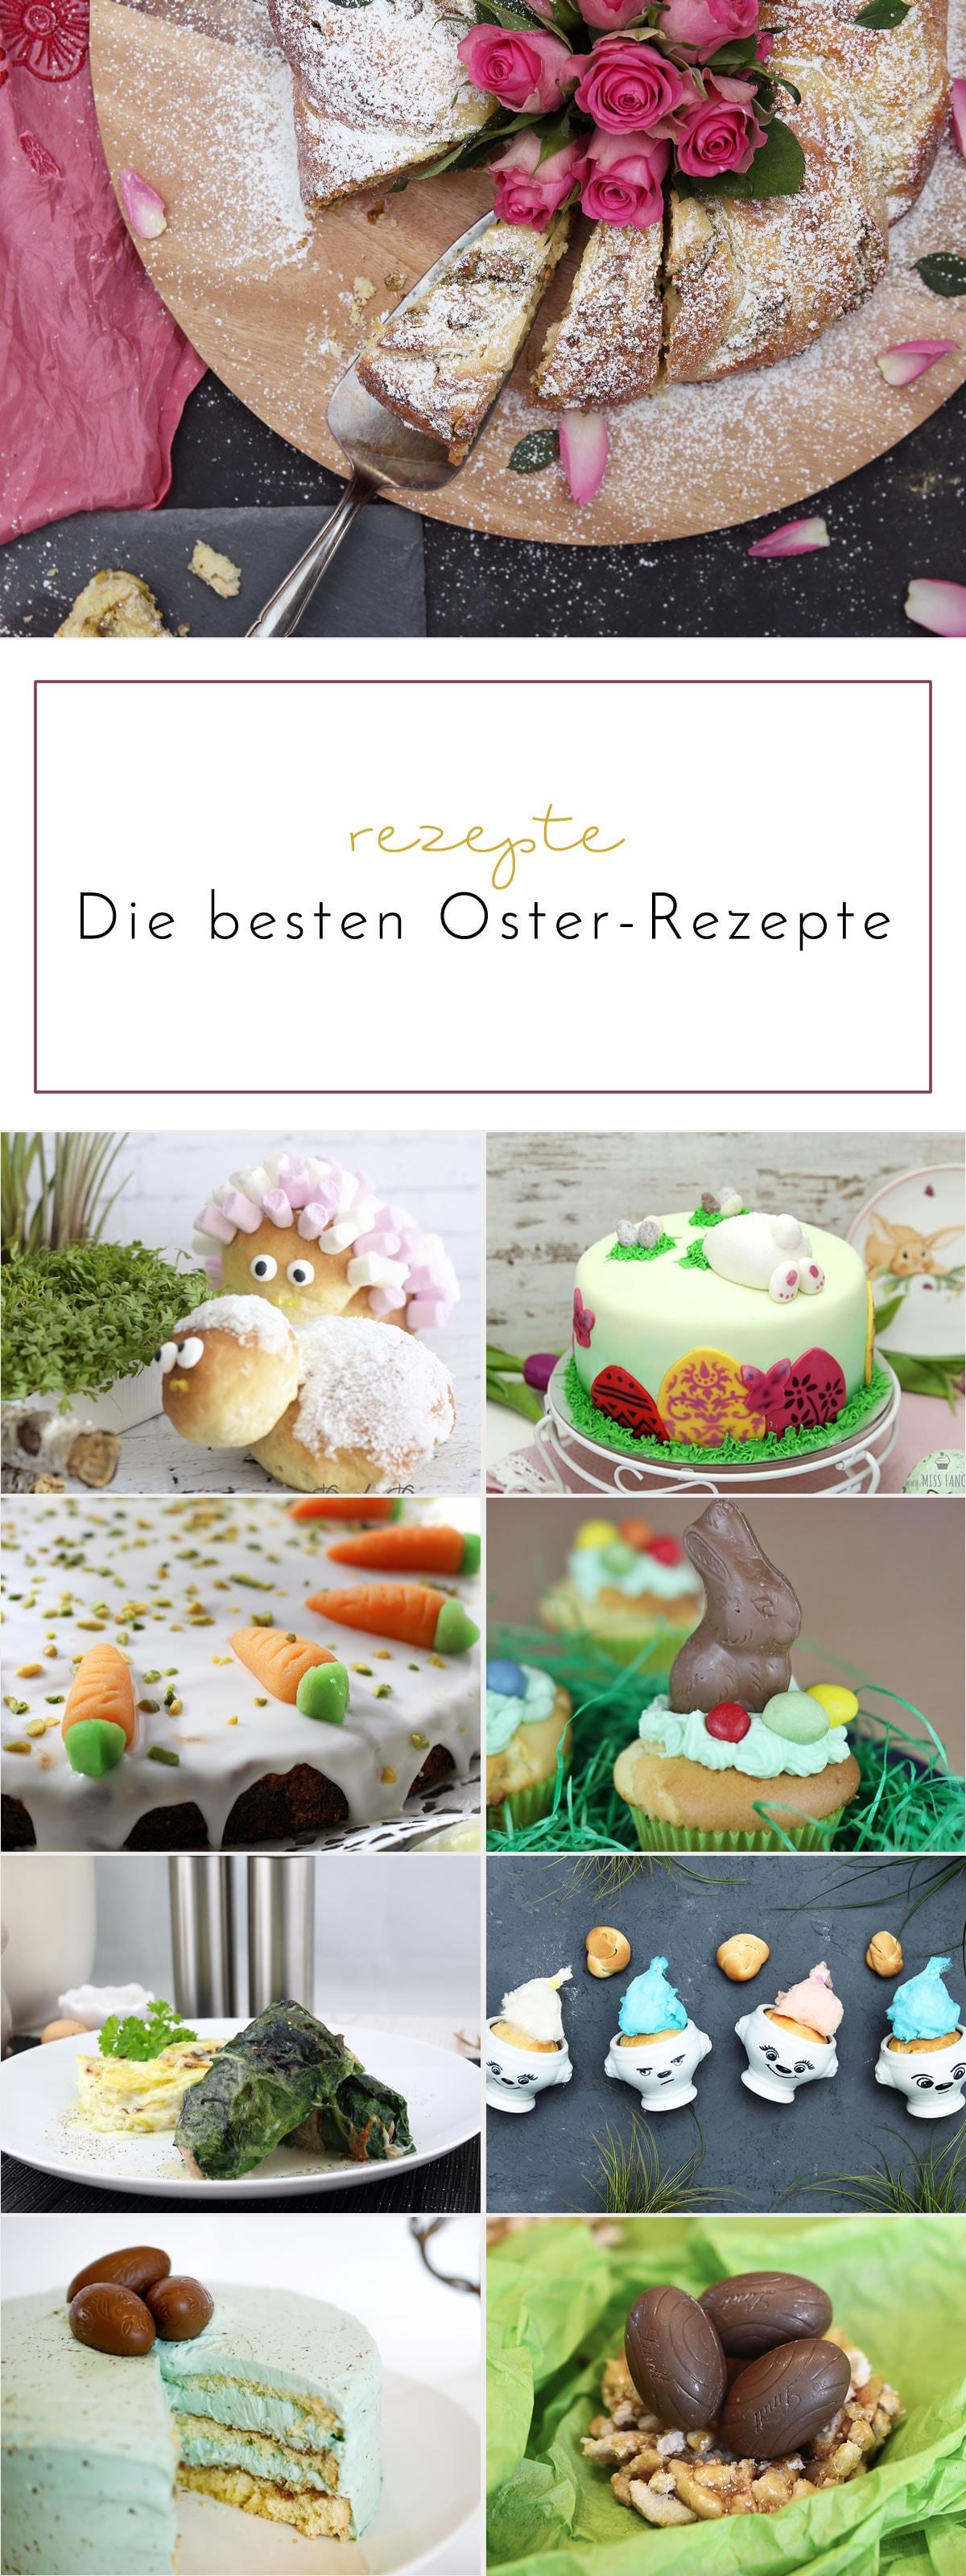 Die besten süßen und herzhaften Rezepte zu Ostern